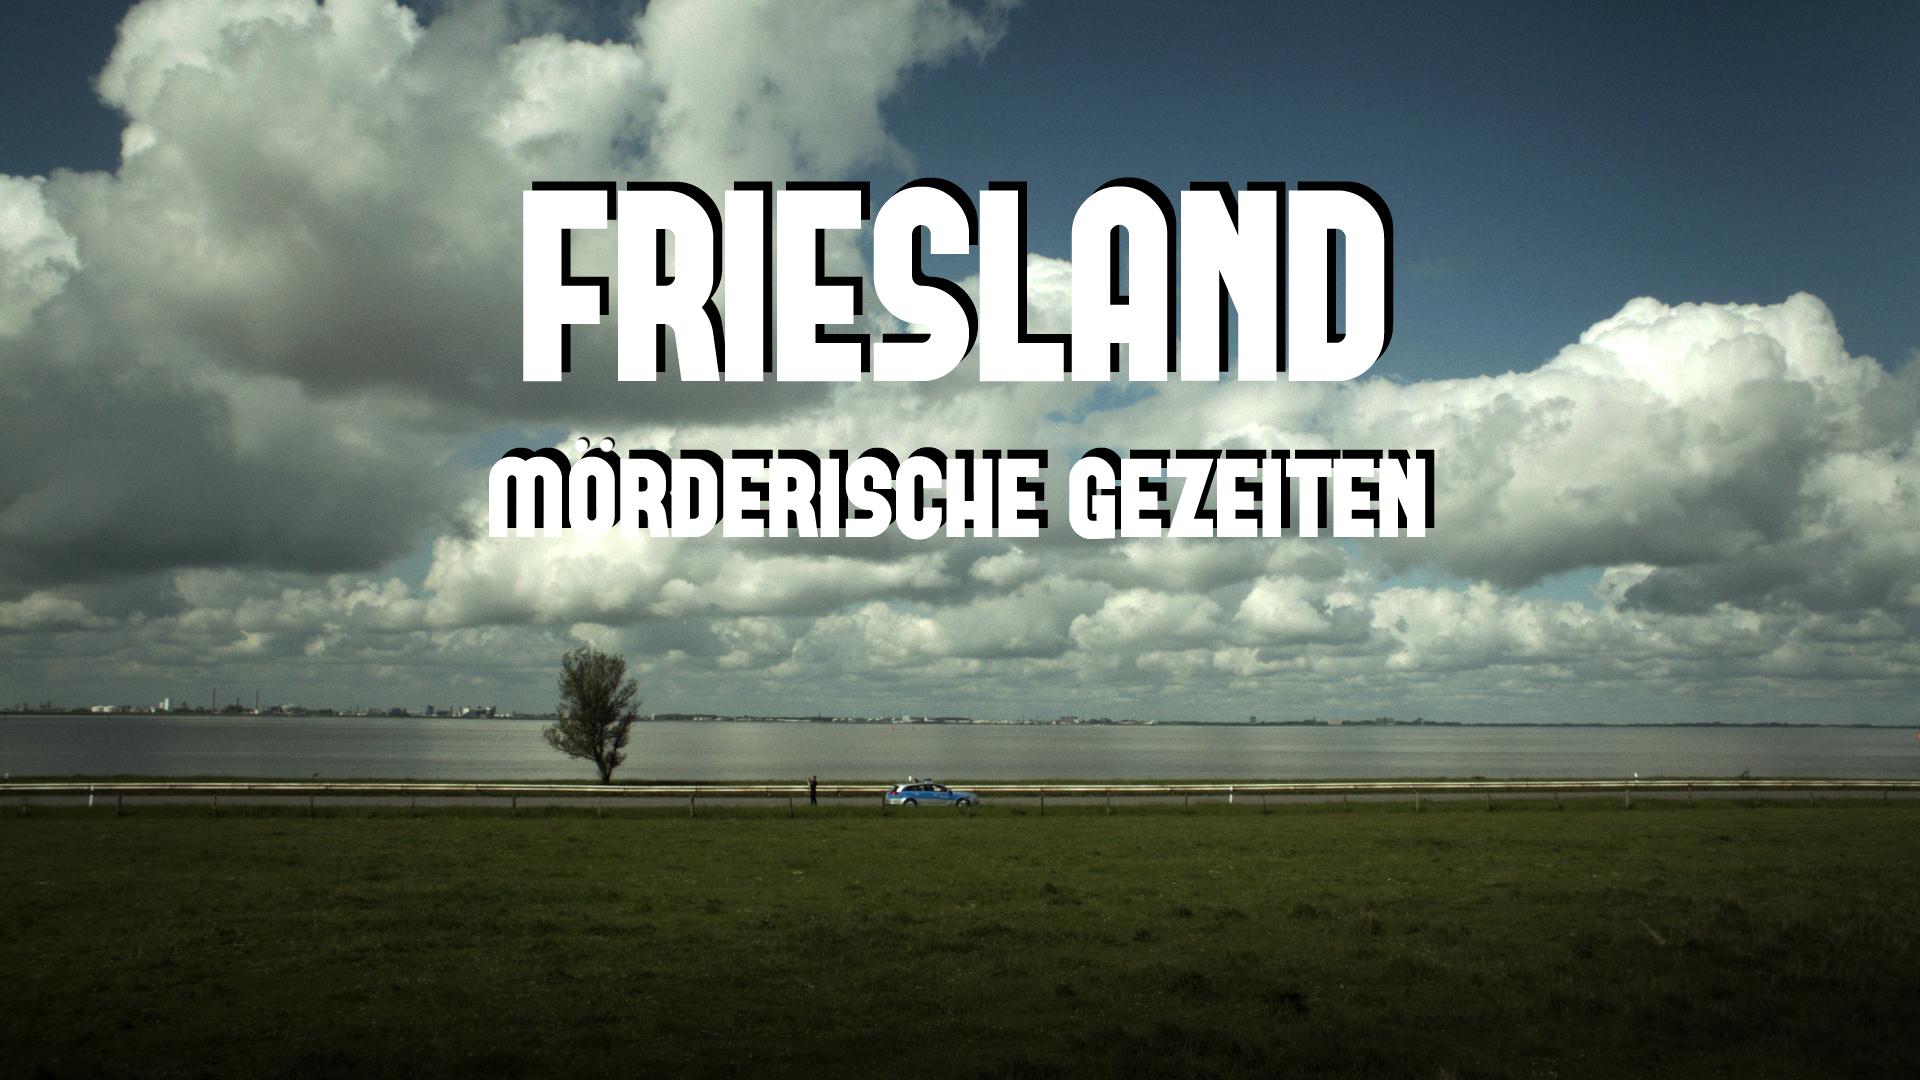 TV Movie | 90 Minuten | Arri Alexa © 2015 | eyeworks germany | ZDF Regie: Dominic Müller Erstausstrahlung: 3.5.2014 6.47 Mio. - 21.6 %